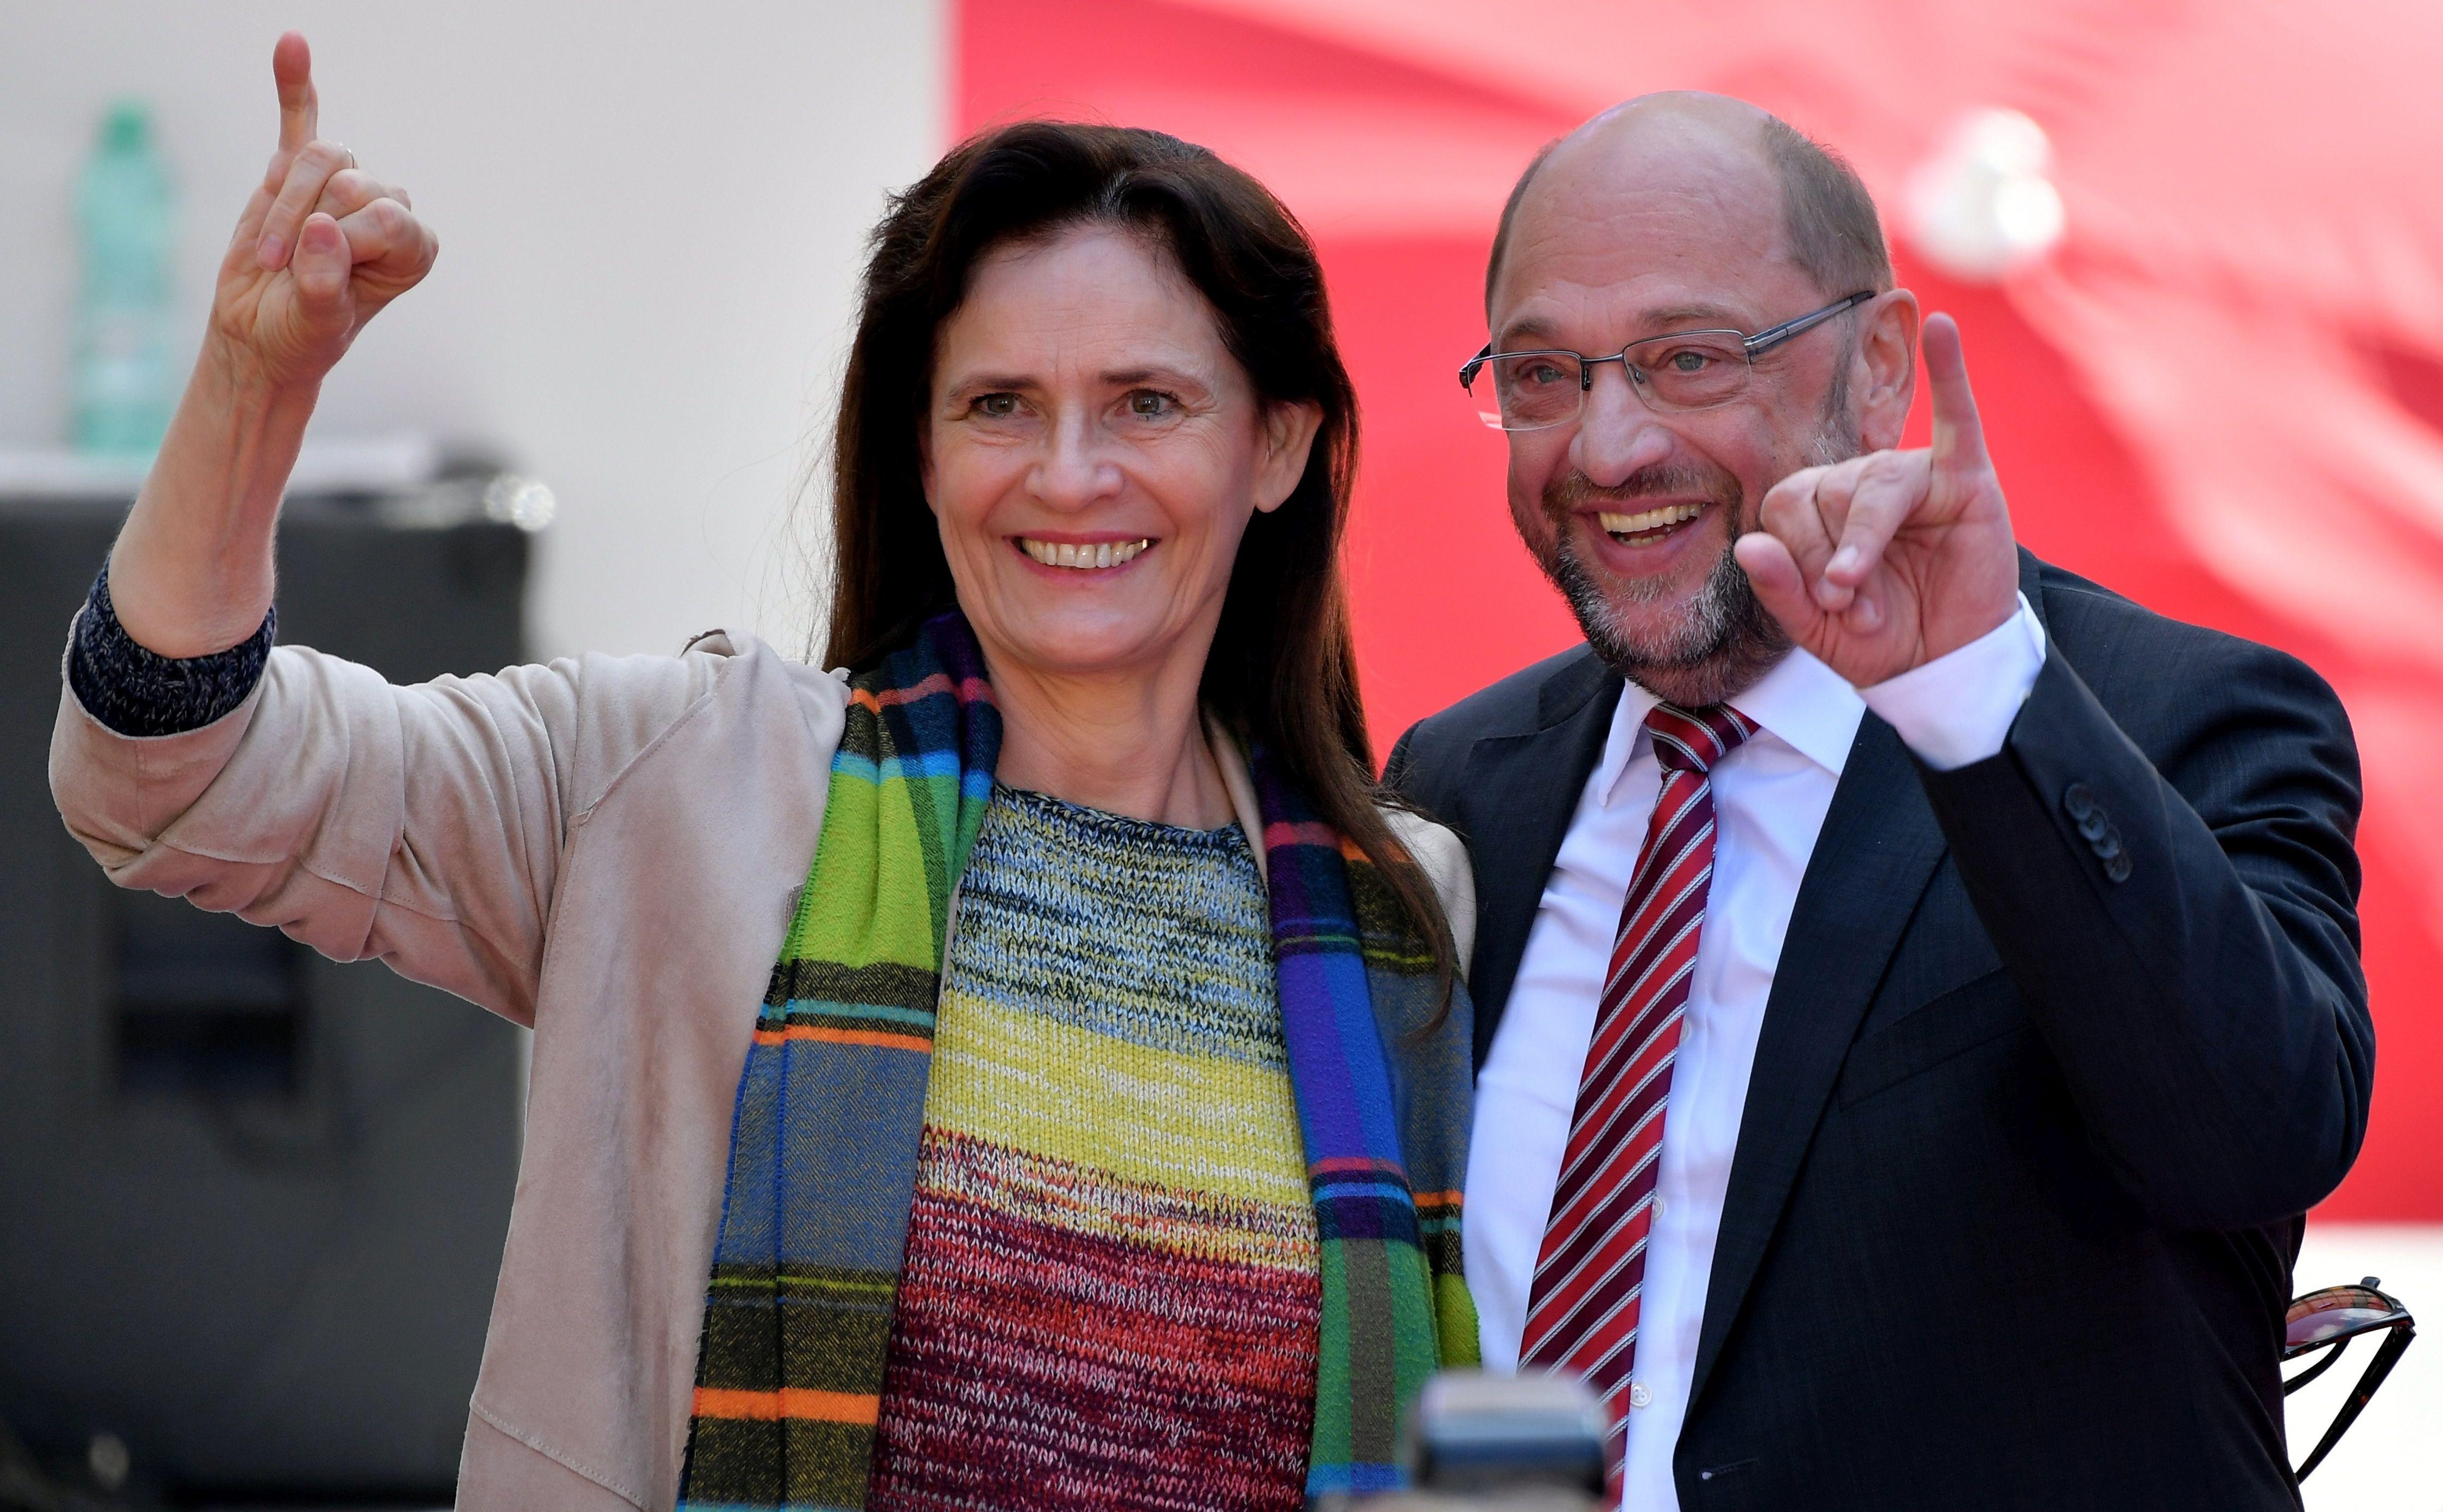 Posljednji predizborni skupovi u Njemačkoj uoči izbora